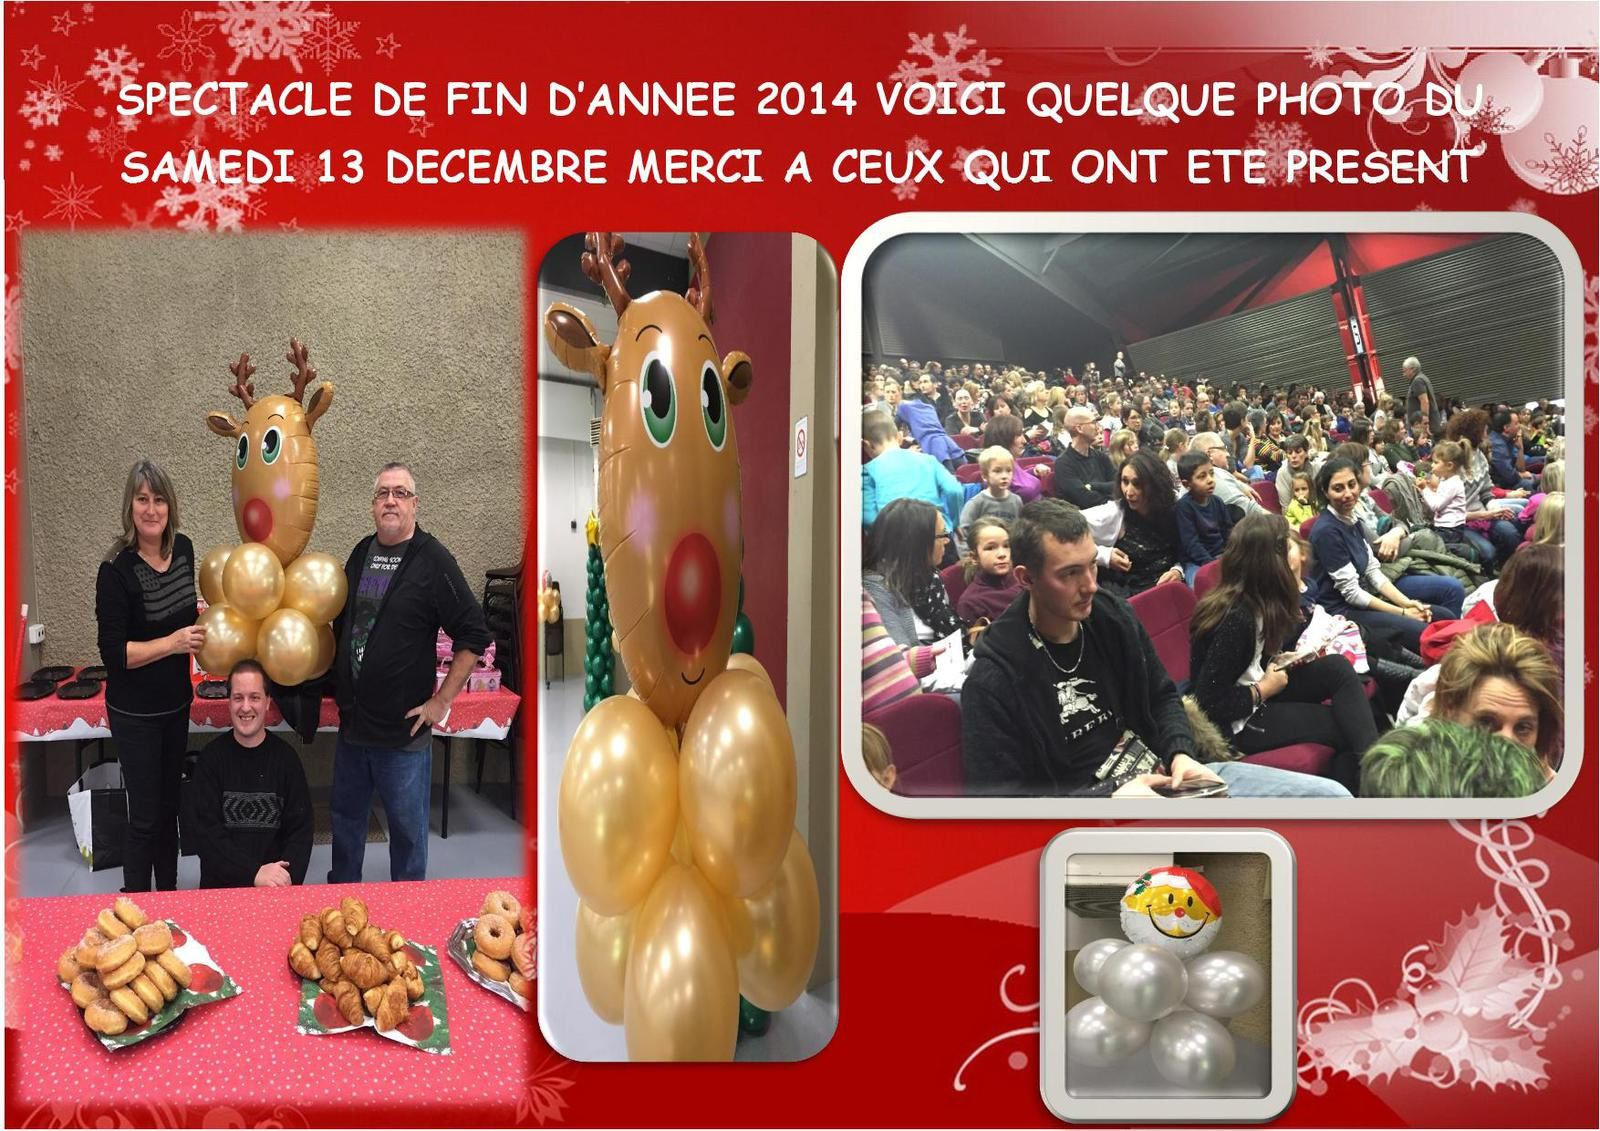 L'ARBRE DE NOEL DU CE CARREFOUR ANNECY DU SAMEDI 13 DECEMBRE 2014(l'album photo)